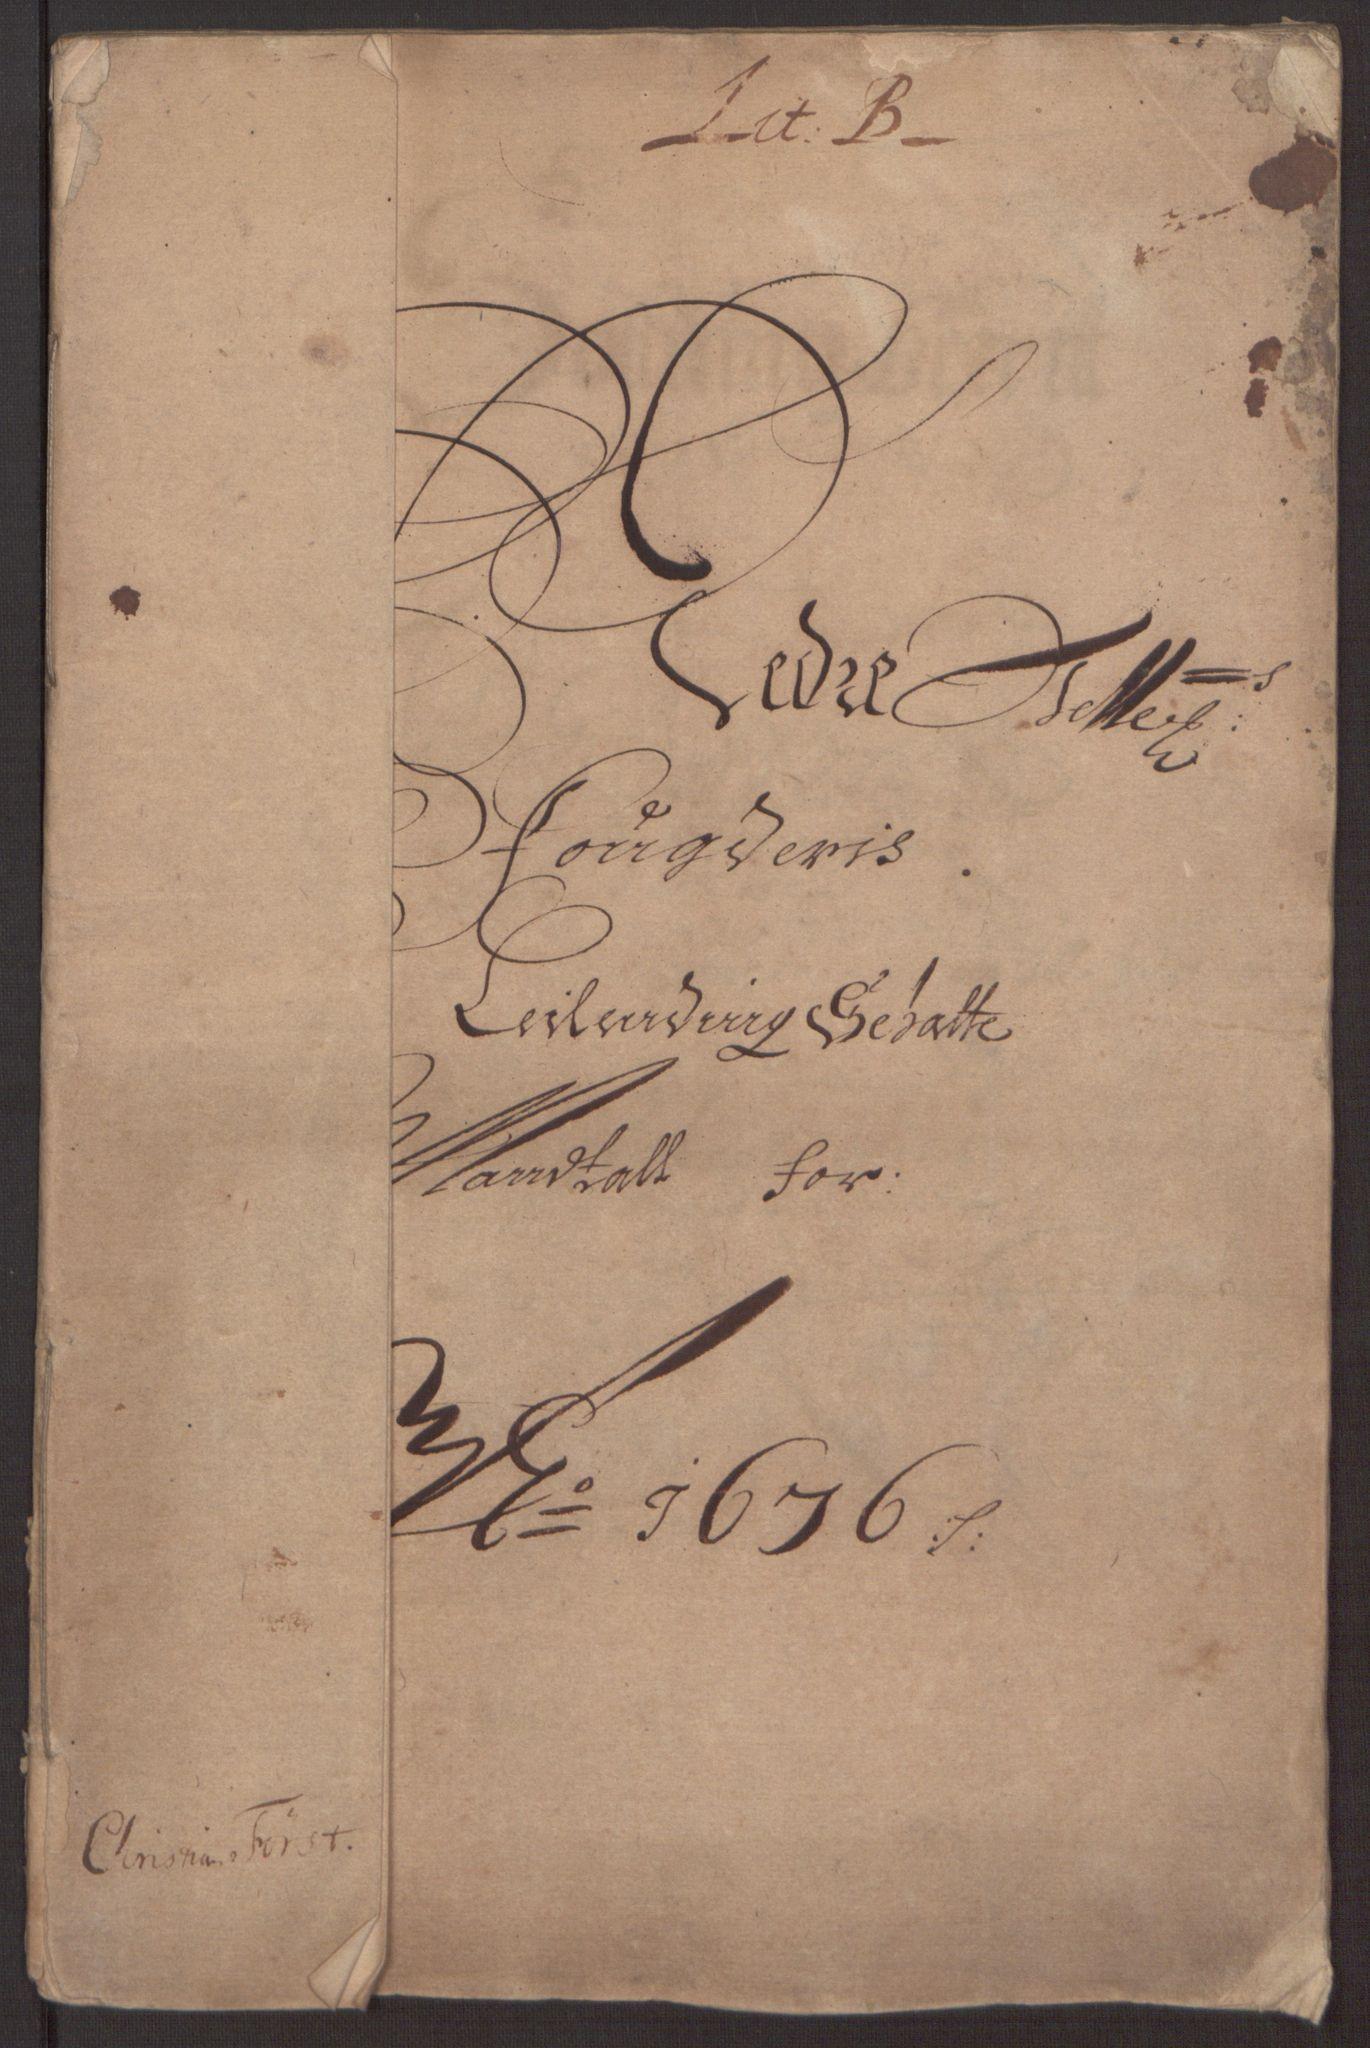 RA, Rentekammeret inntil 1814, Reviderte regnskaper, Fogderegnskap, R35/L2066: Fogderegnskap Øvre og Nedre Telemark, 1676, s. 13